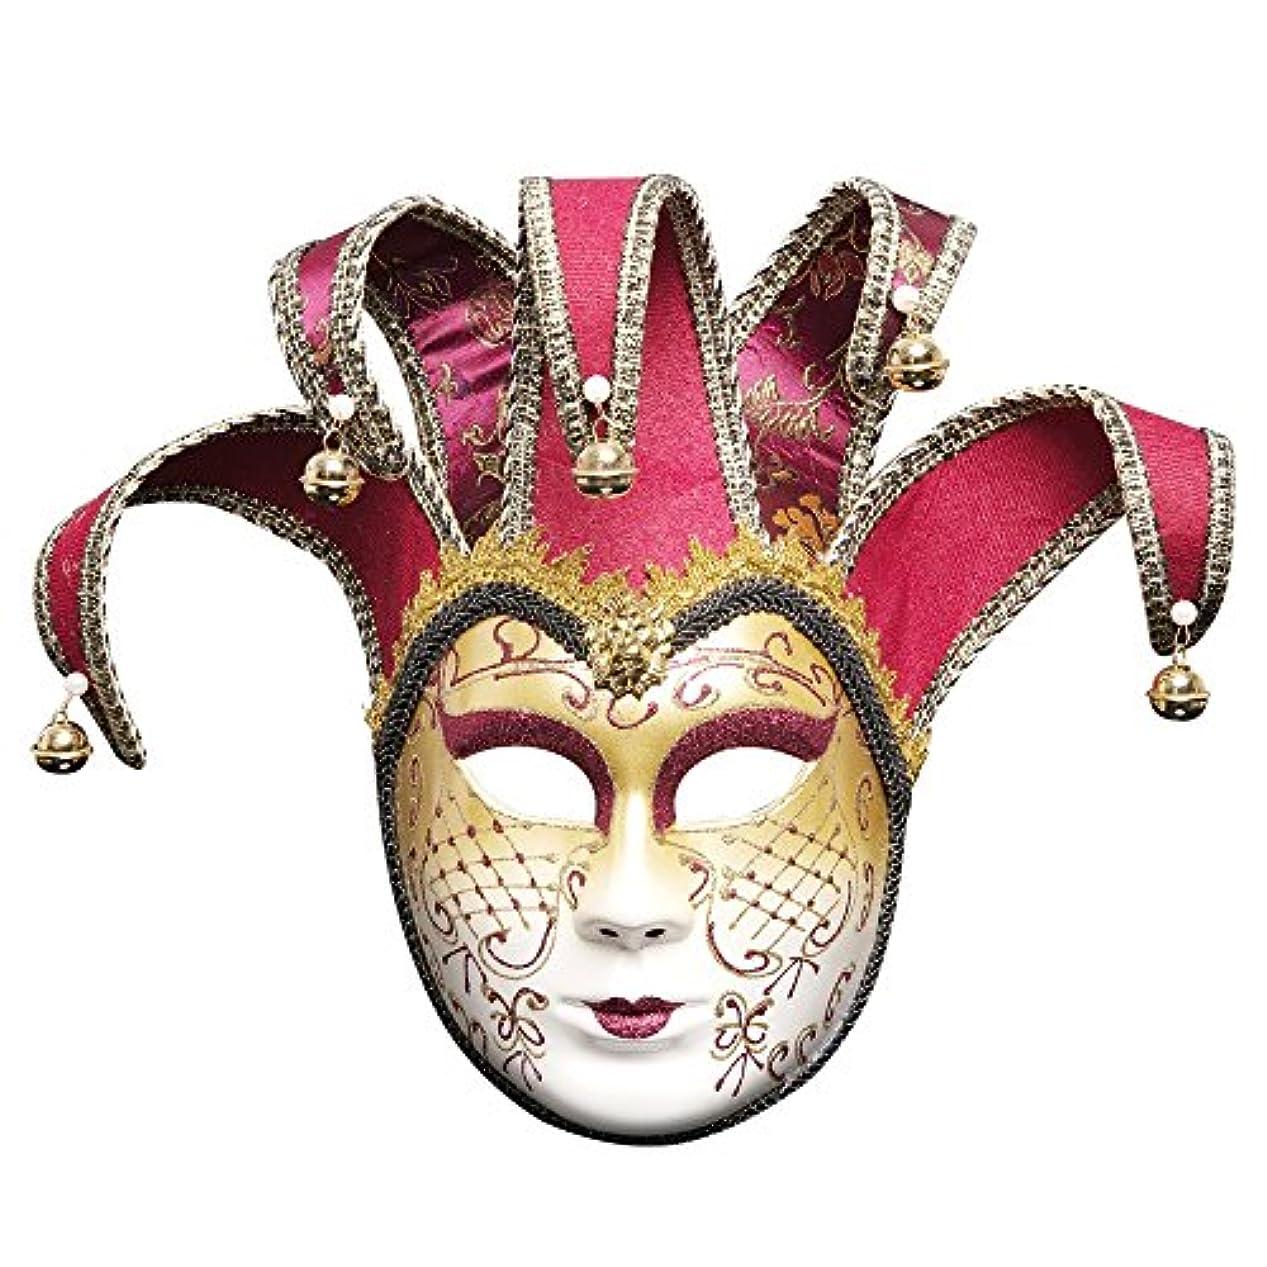 小切手いらいらする合計ハロウィンボールパーティーマスククリスマスクリエイティブ新しいフルフェイスメイクアップマスク (Color : C)